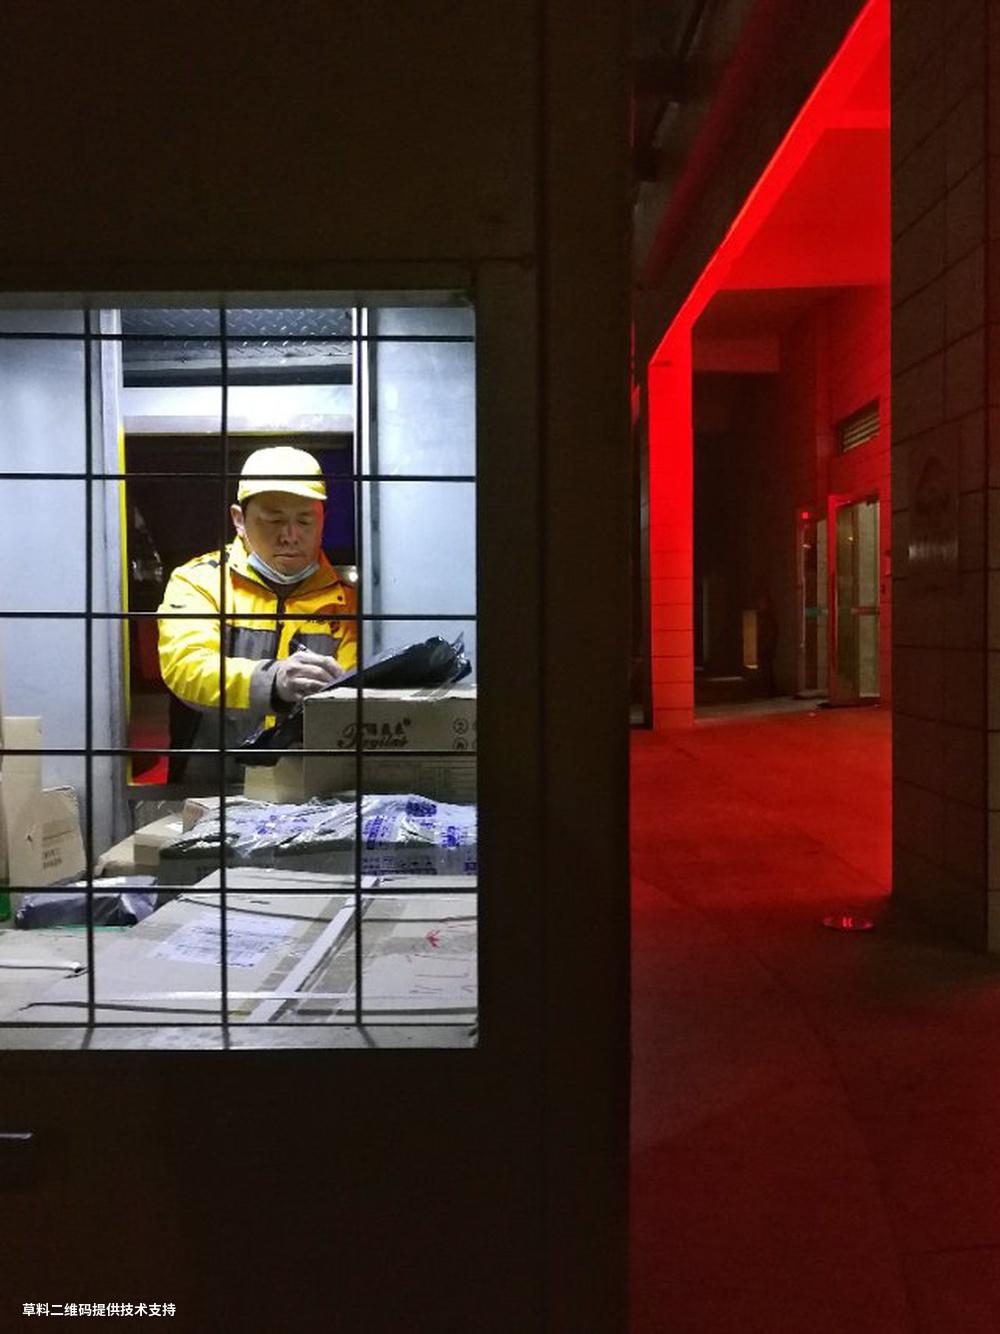 刘勇进《情系千万家》 HUAWEI,2020年12月26日夜,广东巽寮湾。大楼下,一位投递员正在车内认真地工作,把温暖送给千家万户。.jpg